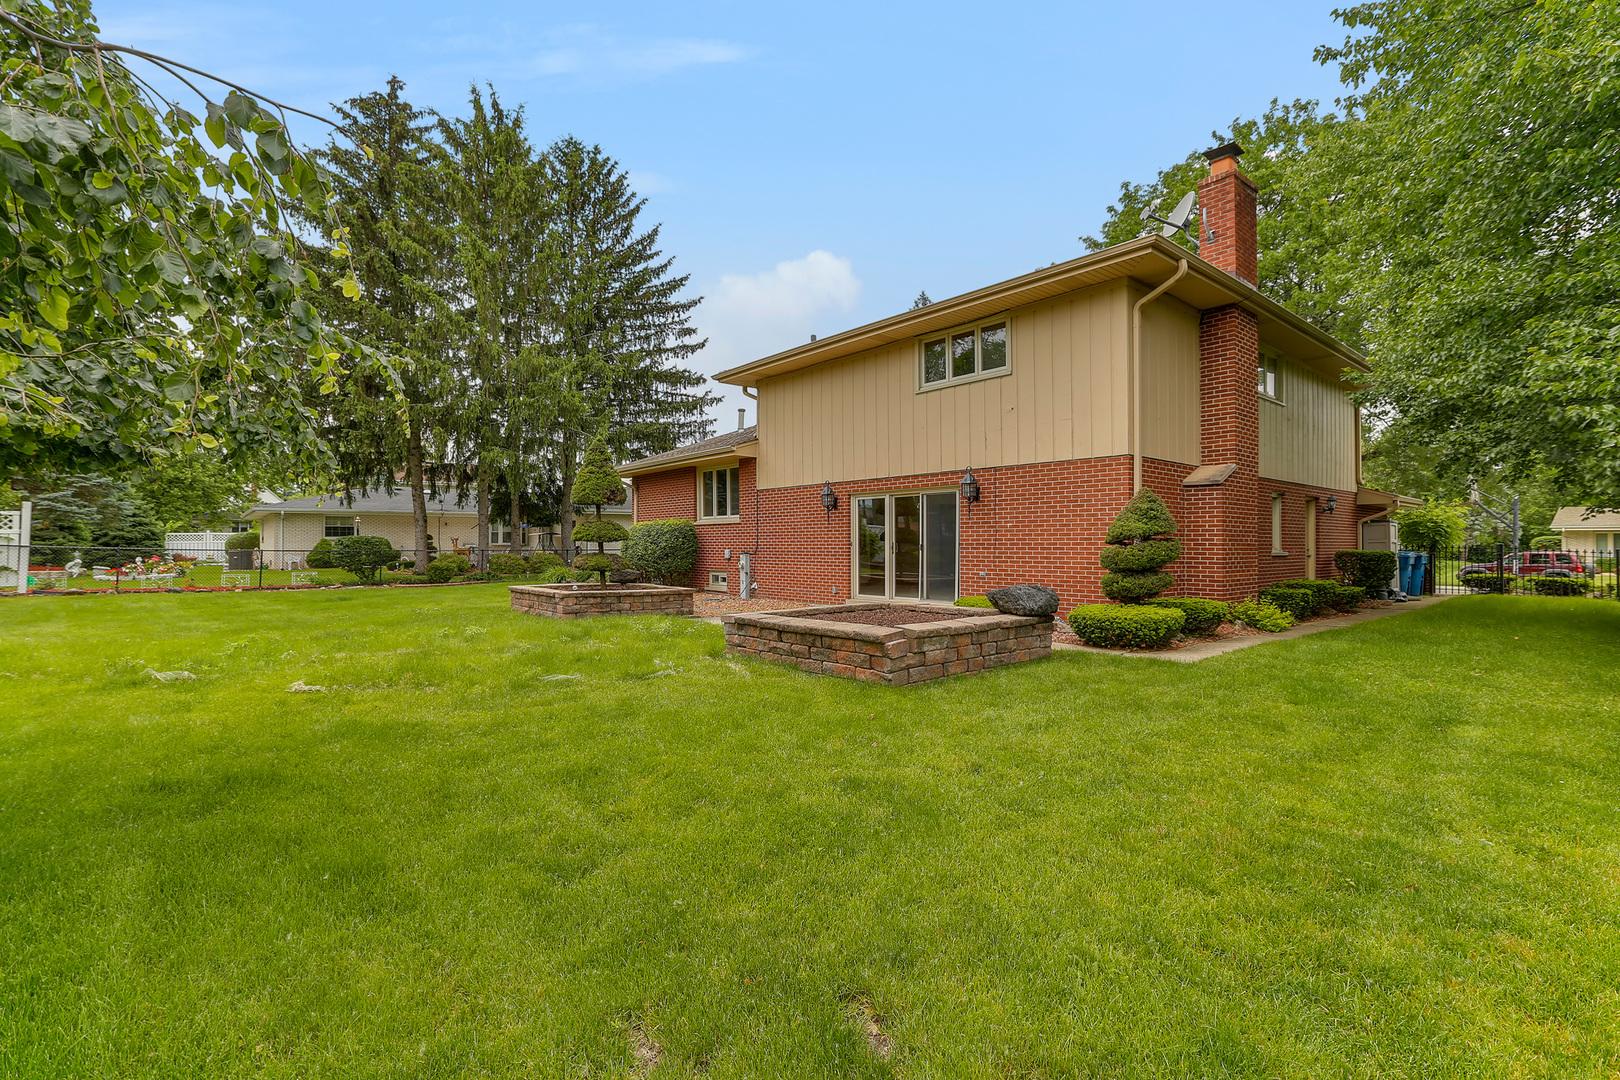 6249 West Carol, Palos Heights, Illinois, 60463